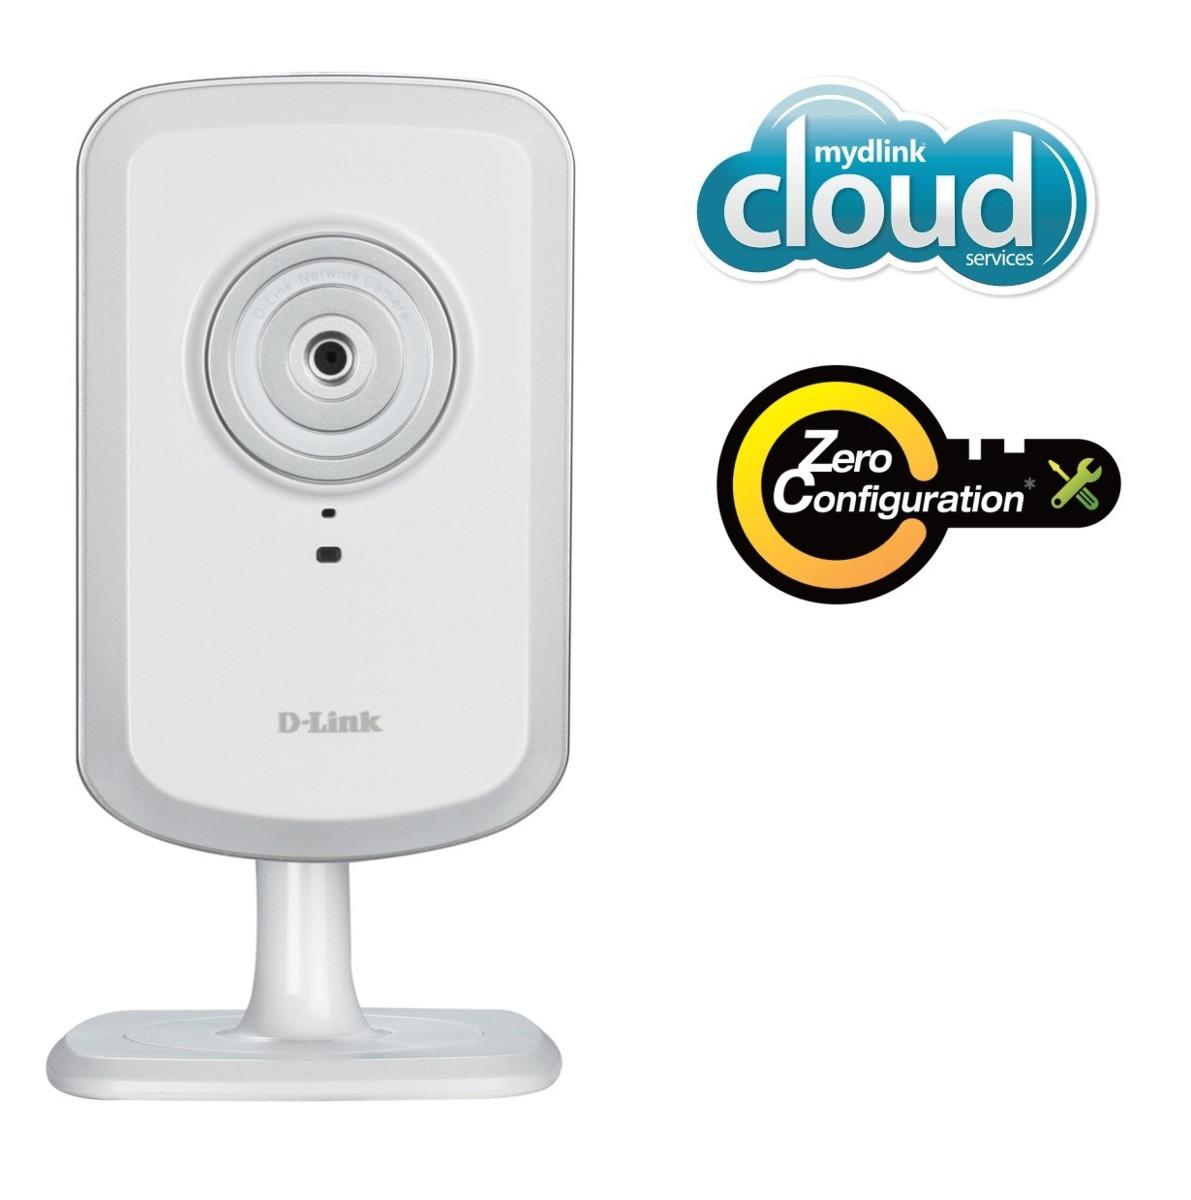 Camara ip vigilancia d link dcs 930l wifi cloud - Camaras de vigilancia ip wifi ...